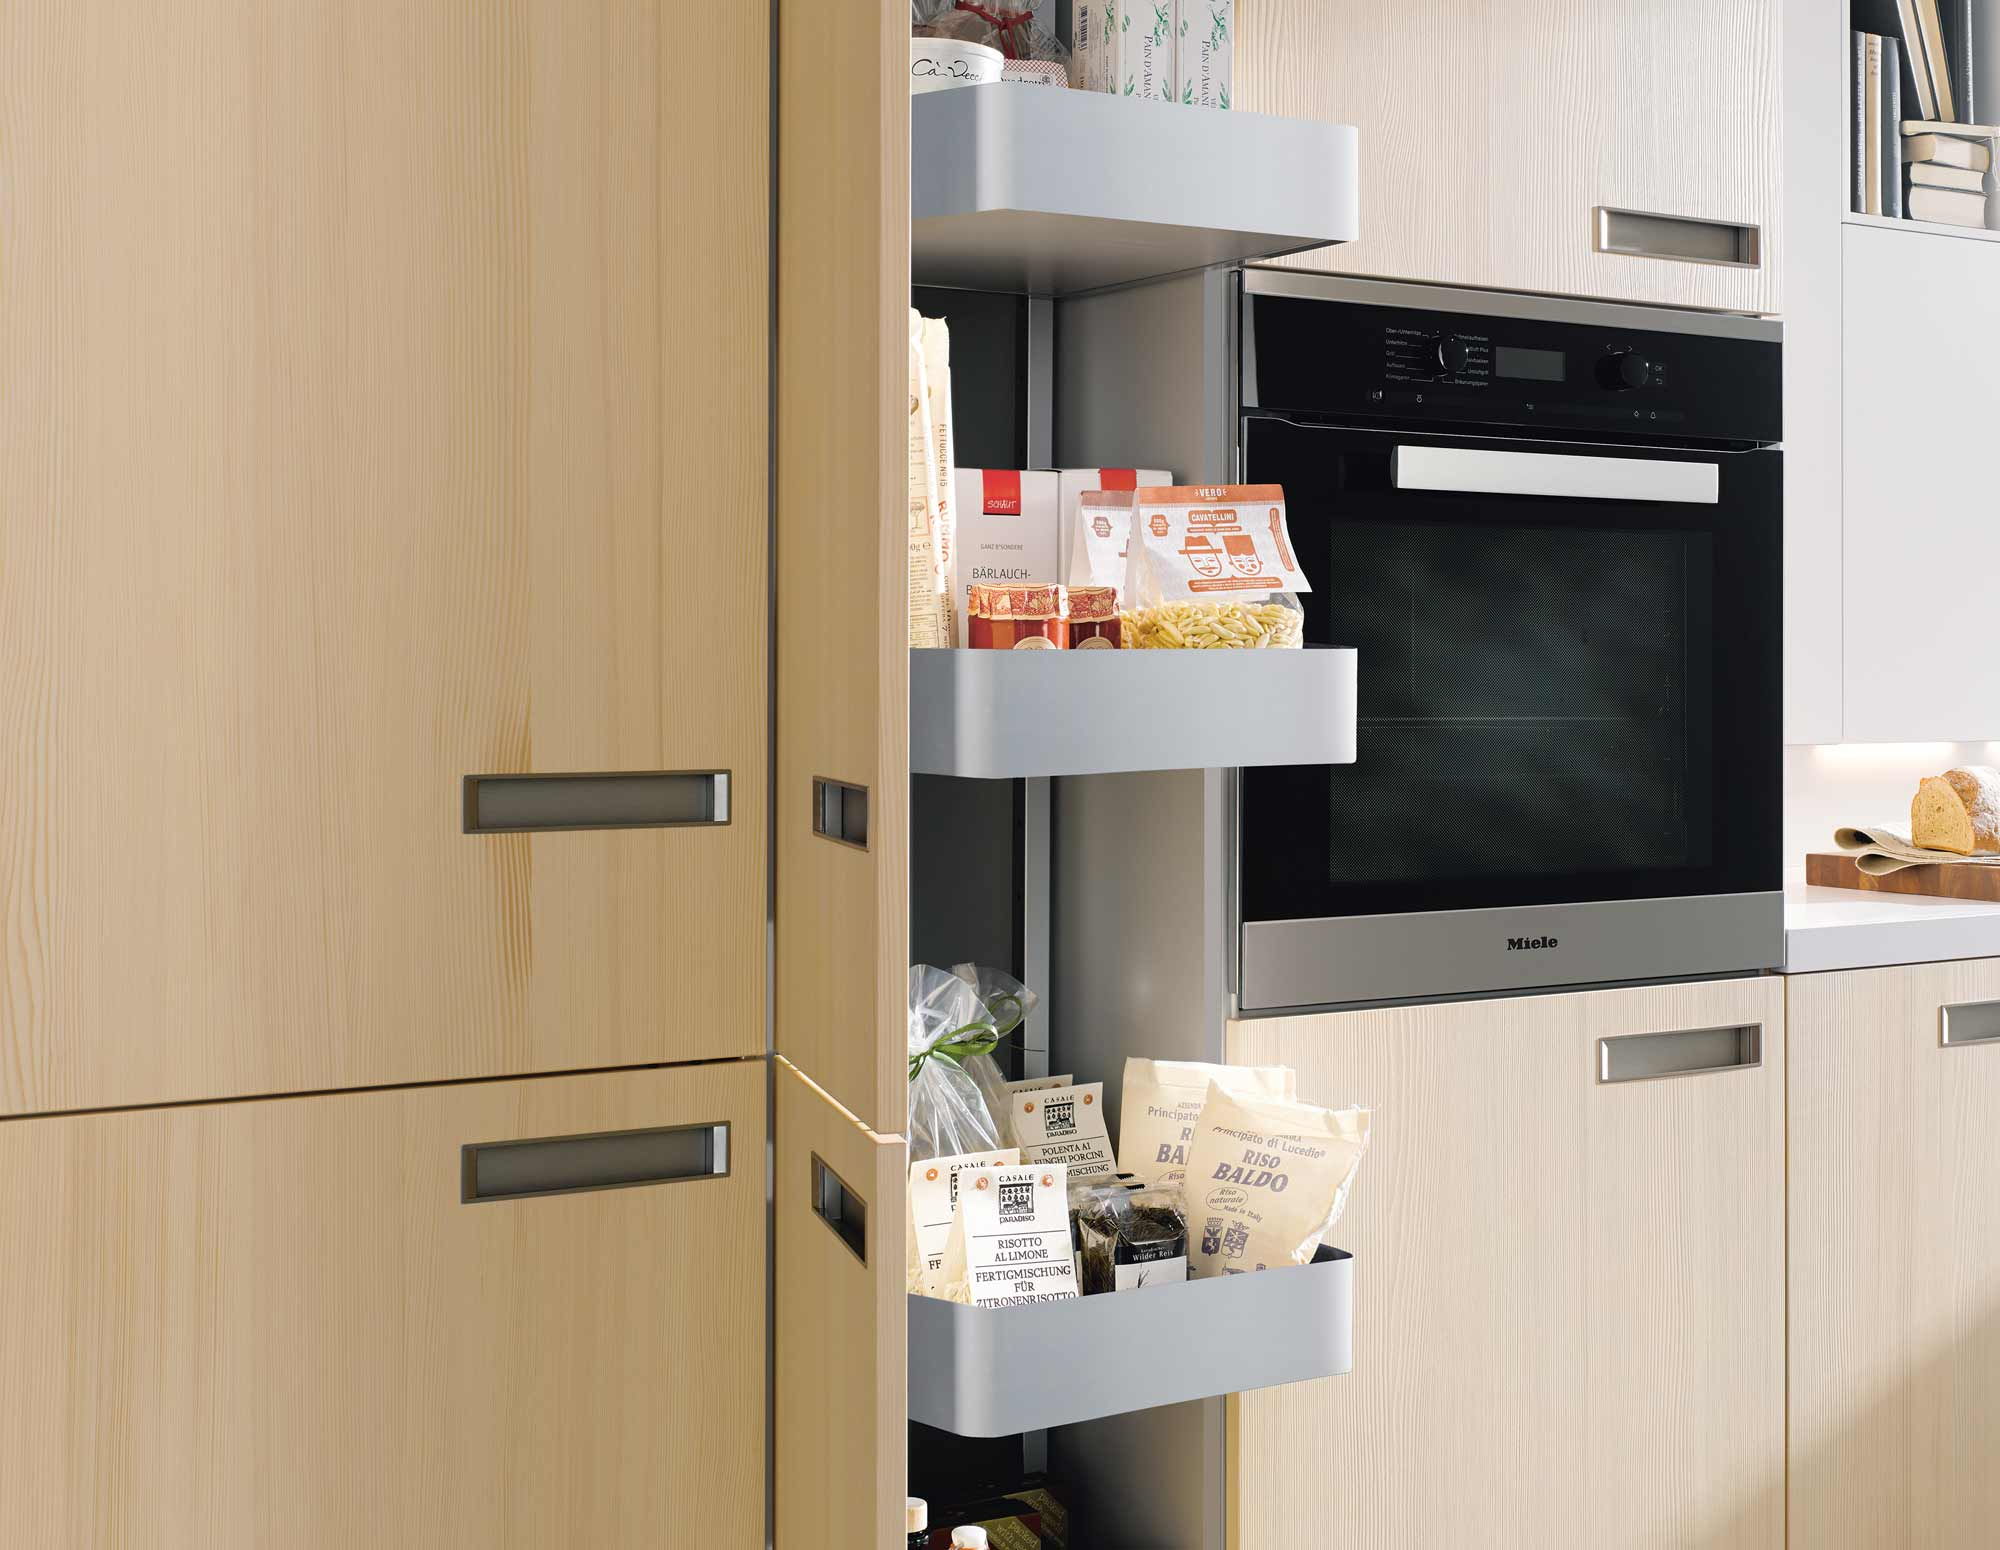 Full Size of Apothekerschrank Küche Ikea Apothekerschrank Küche Schräg Apothekerschrank Küche Rot Apothekerschrank Küche 15 Cm Küche Apothekerschrank Küche